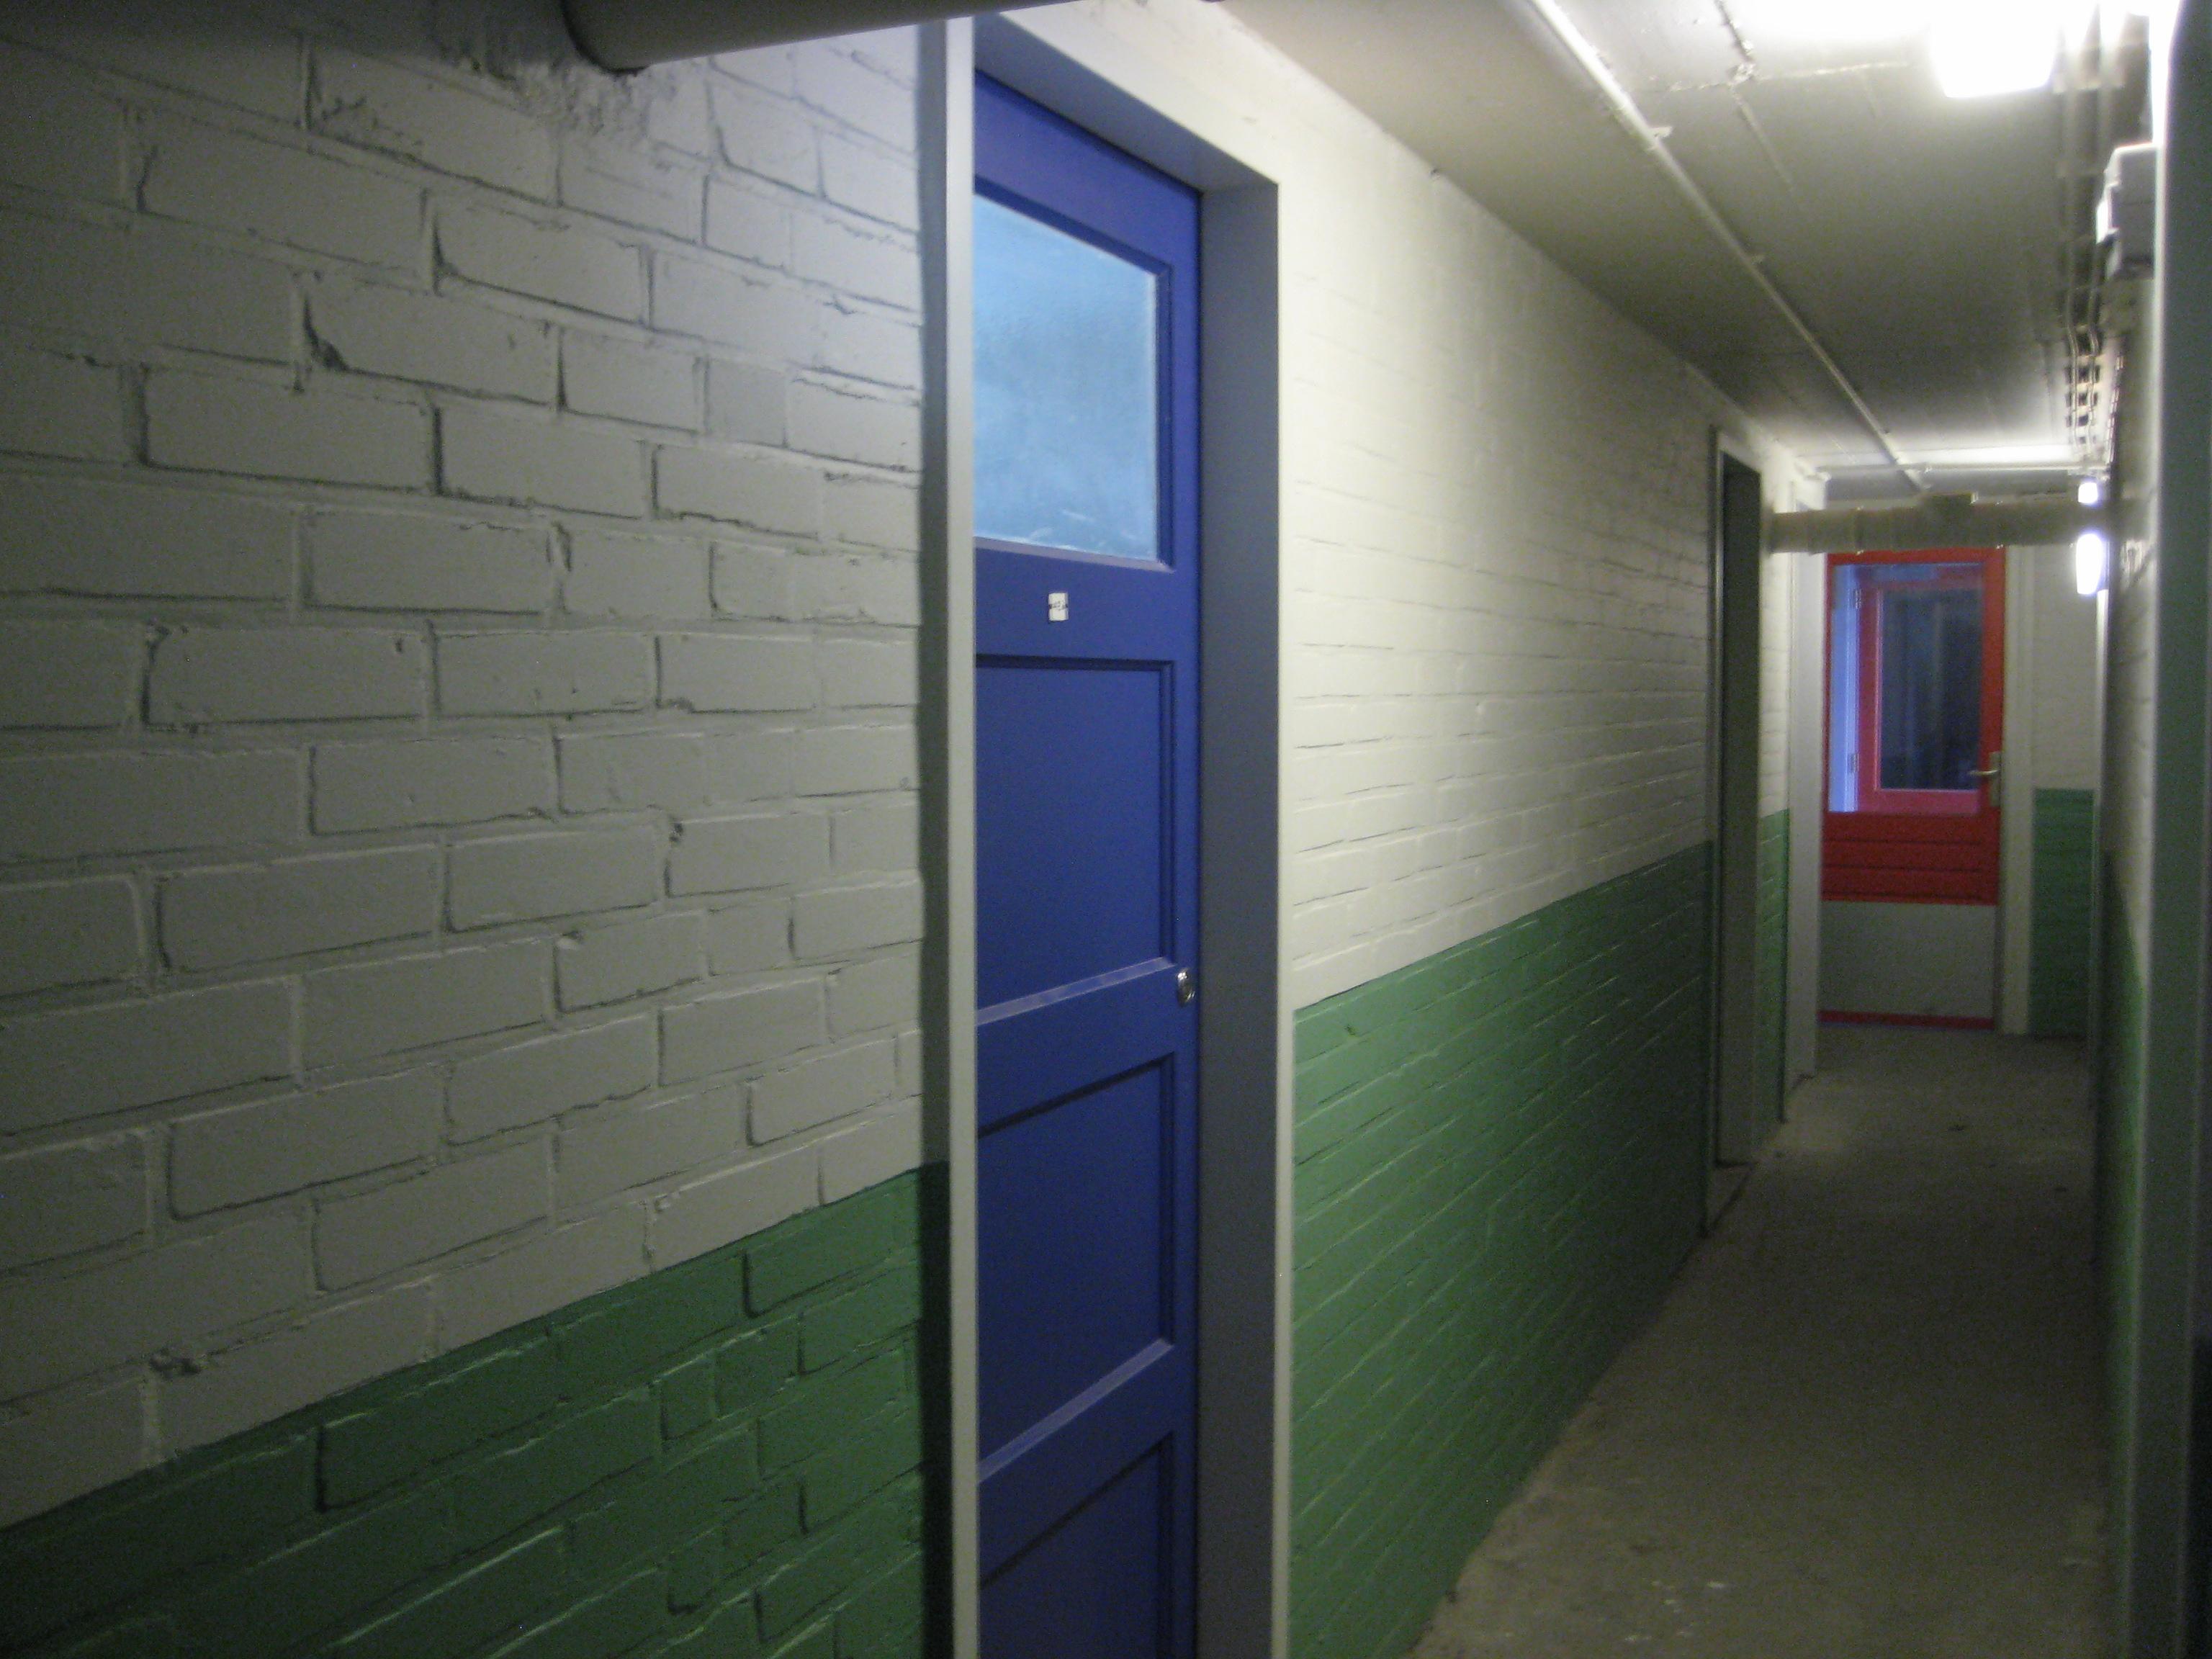 kleurwijziging, flat, Nijestee, Groningen, kleuradvies